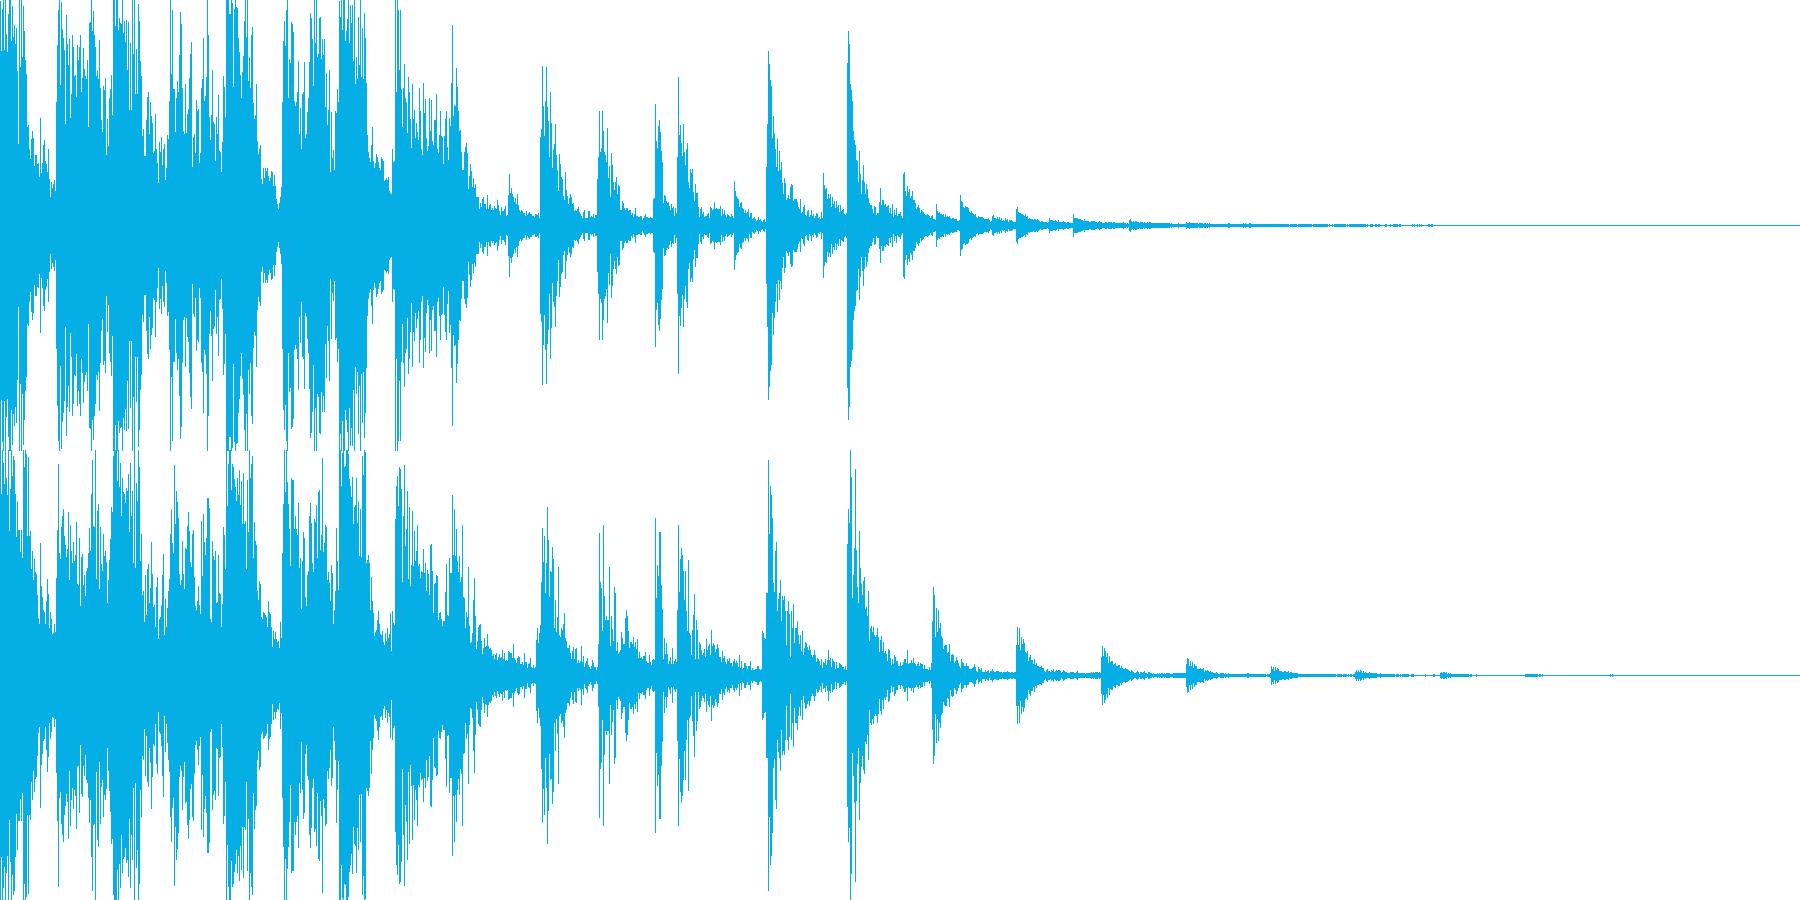 プログレッシブテック/ファンキーな...の再生済みの波形